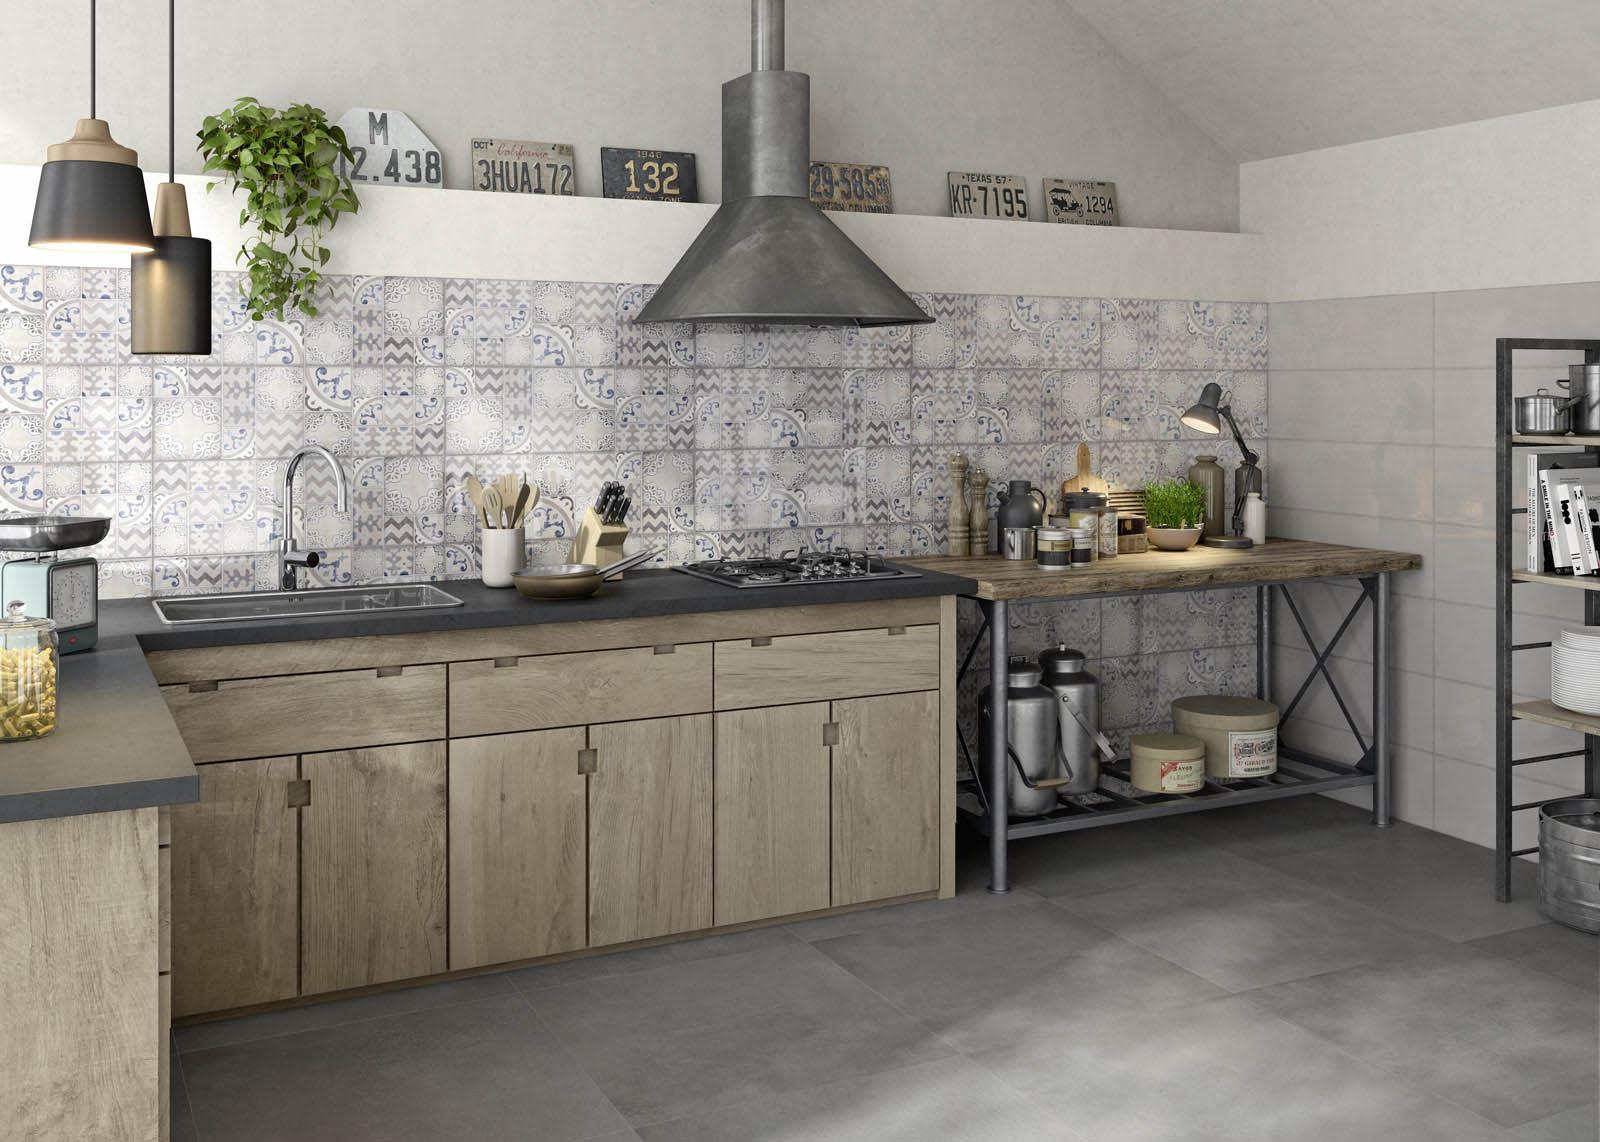 Carrelage cuisine des id es en c ramique et gr s marazzi - Decoration carrelage cuisine ...